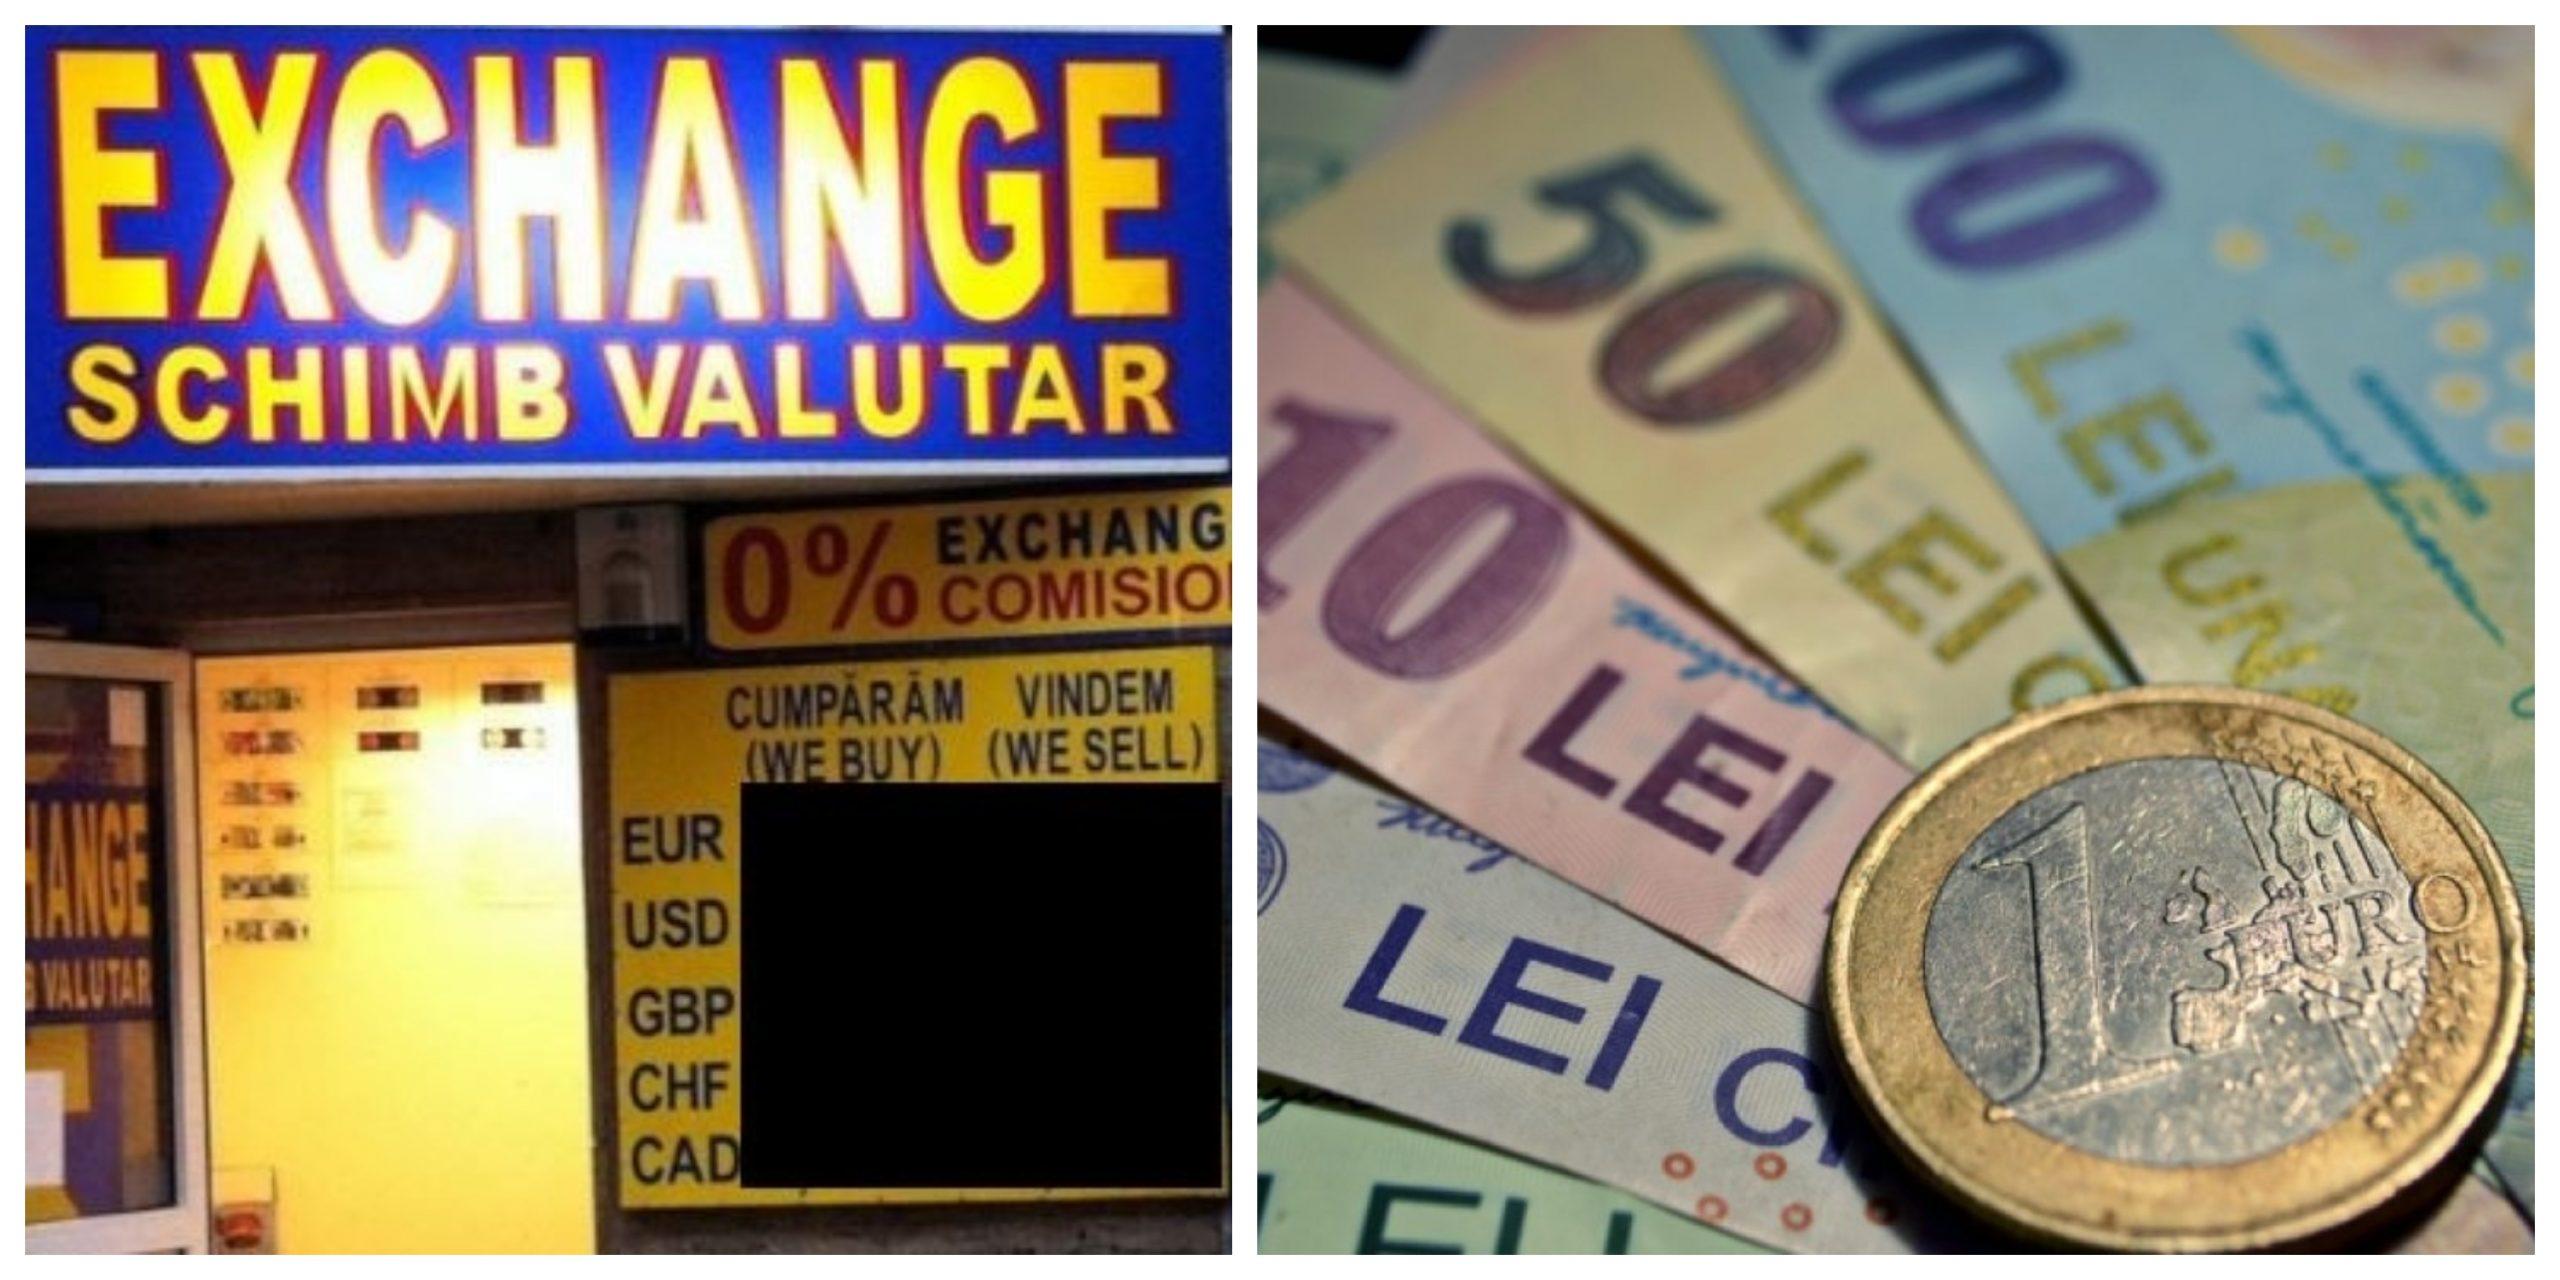 monede de schimb valutar